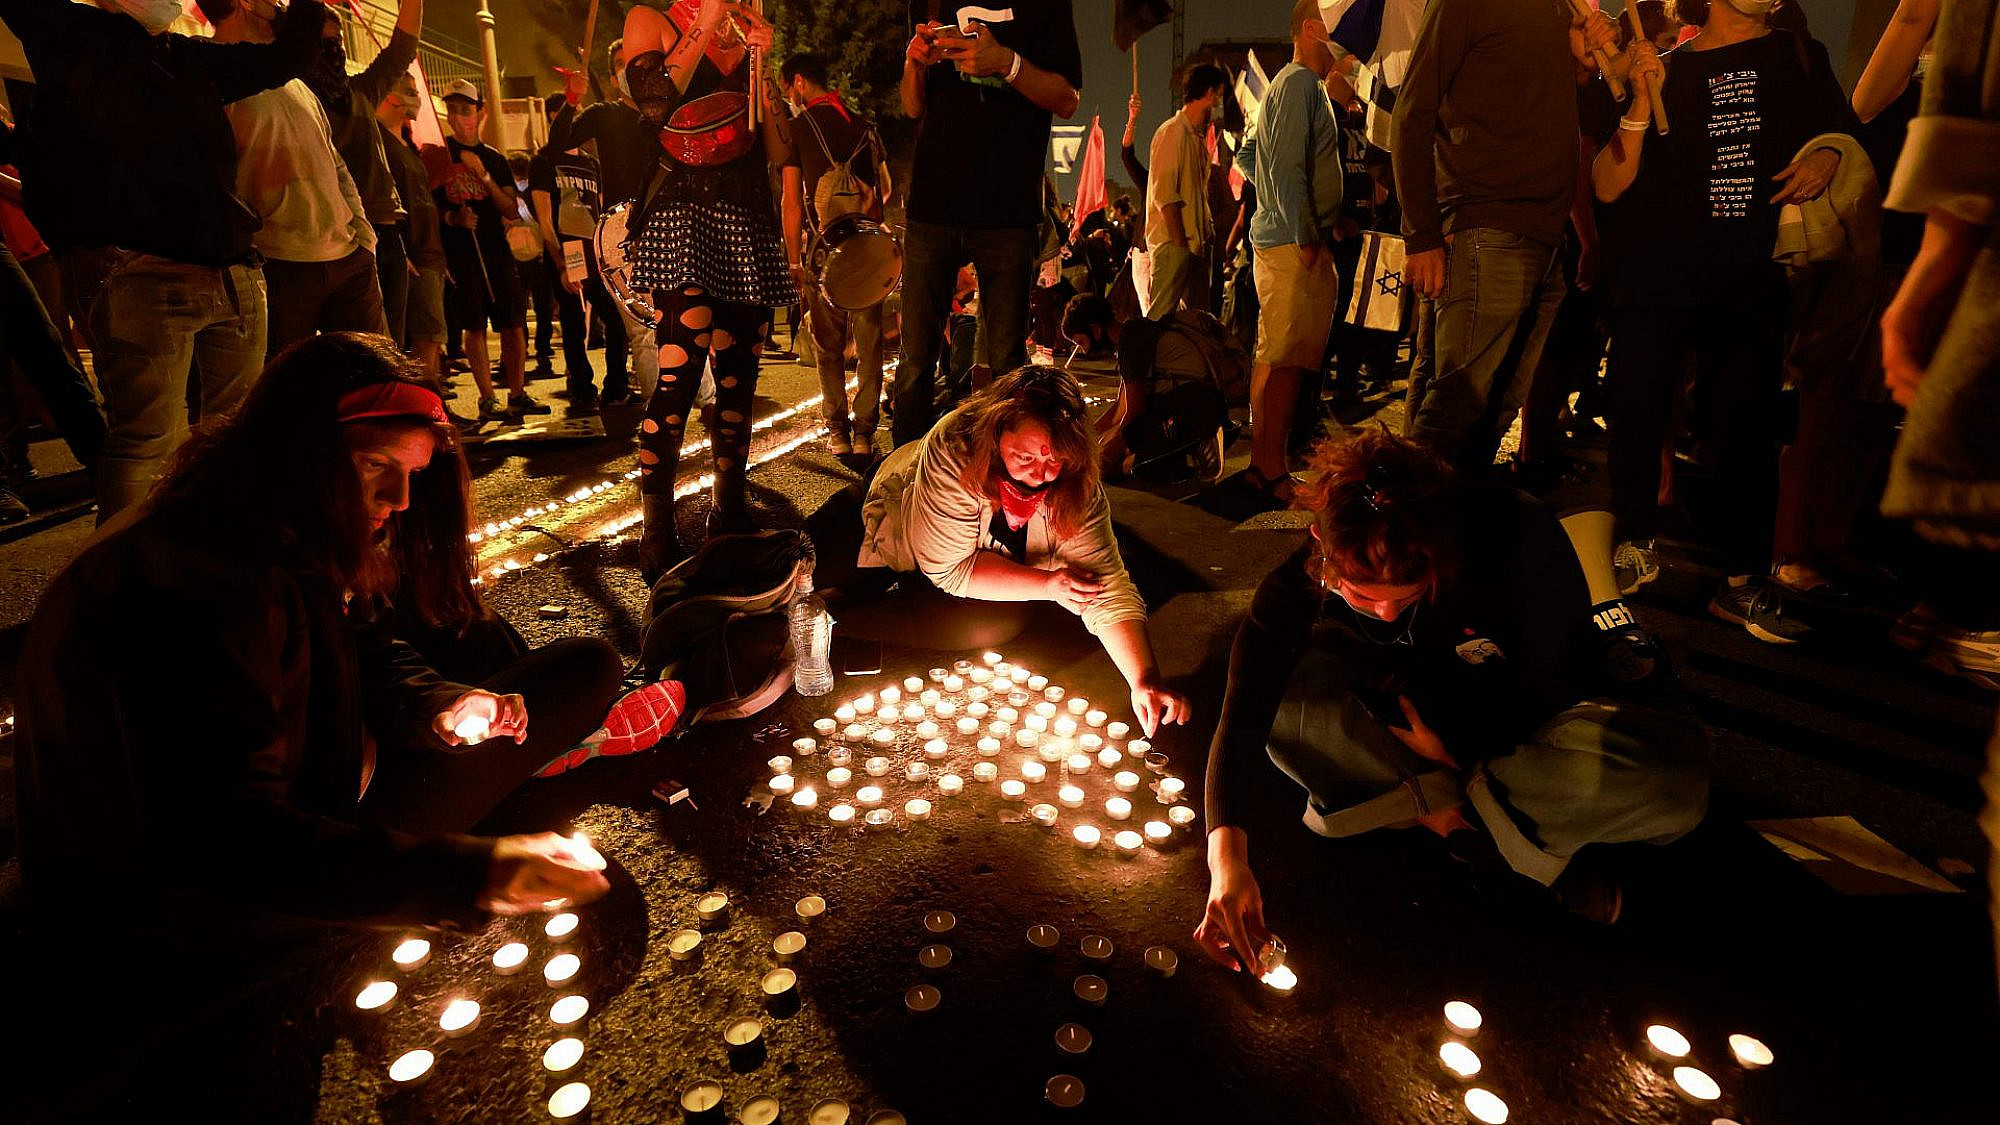 לזרוע נקודות של אור. מחאת הצעירים, בבלפור (צילום: גטי אימג'ס)